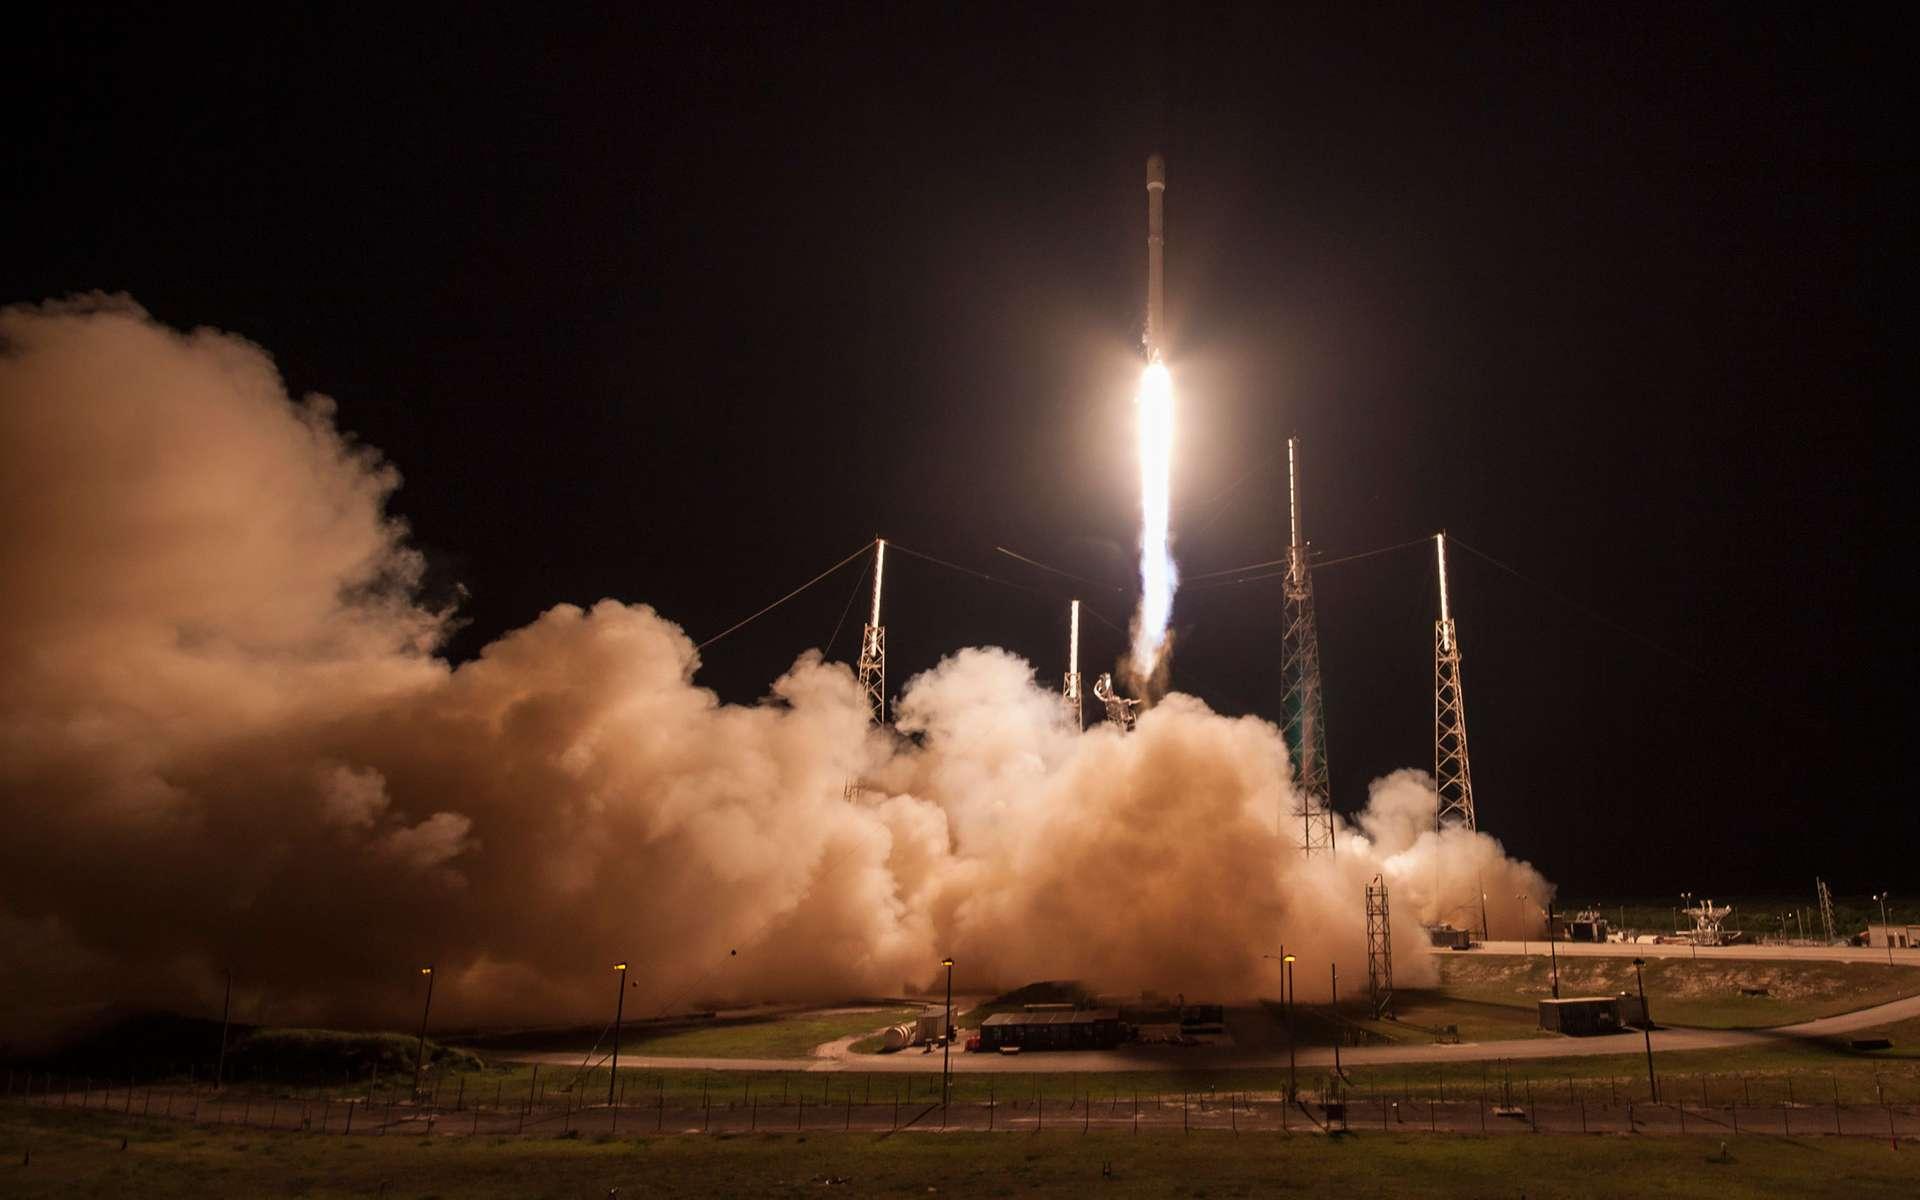 L'entreprise américaine SpaceX a réussi pour la troisième fois à récupérer l'étage principal de son lanceur. Ici, le décollage du Falcon 9, cette nuit, avec à son bord le satellite japonais JCSat 14. © SpaceX